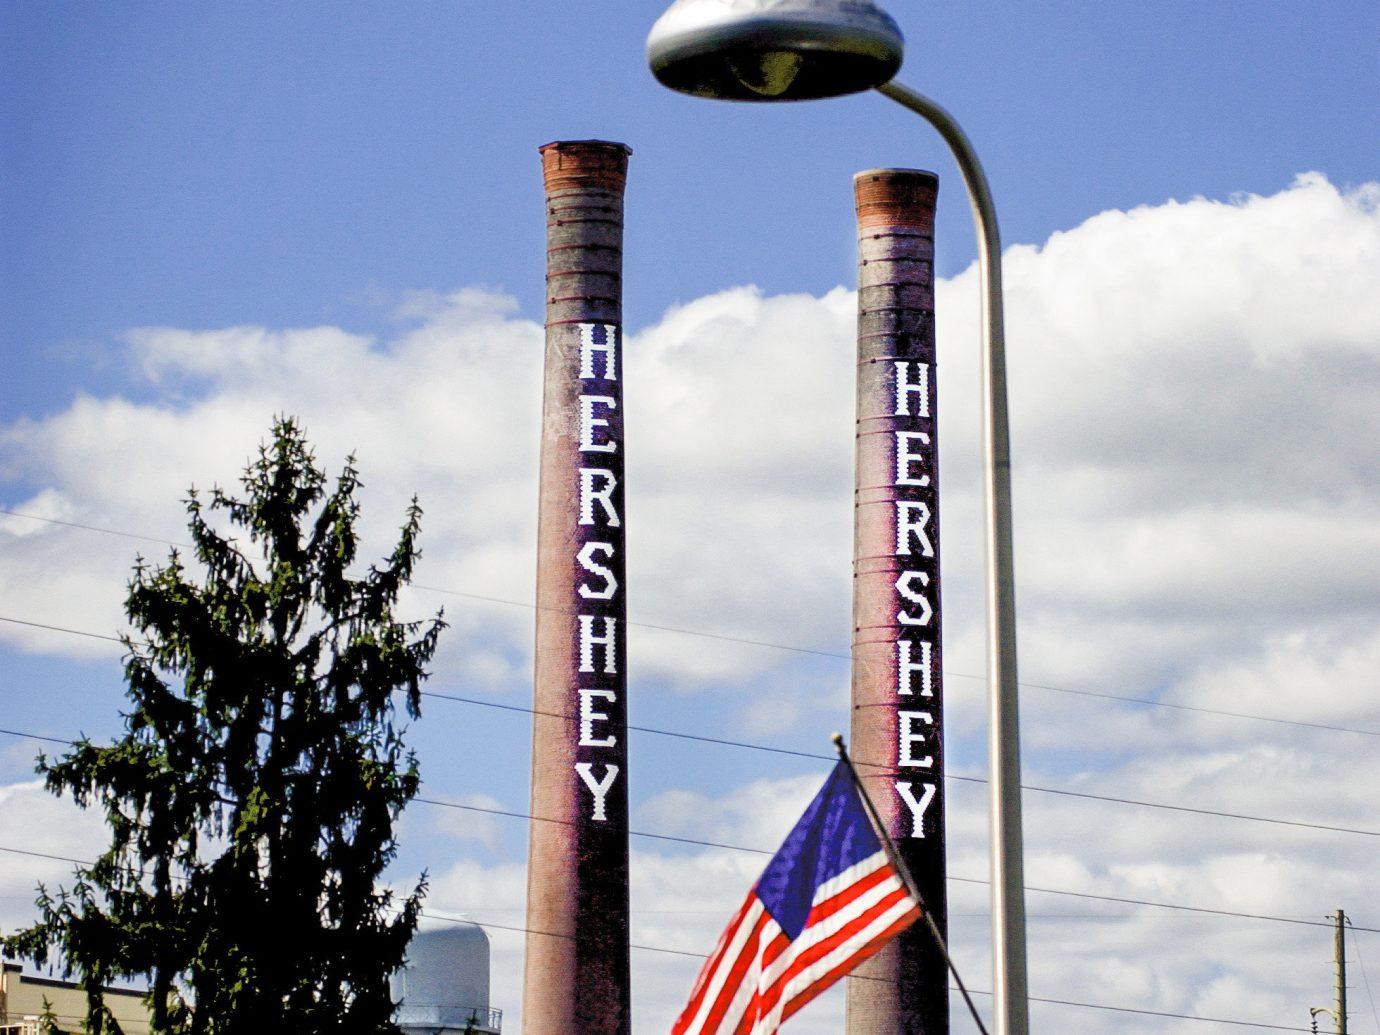 Trip Ideas Weekend Getaways sky outdoor blue landmark tower lighting sign advertising